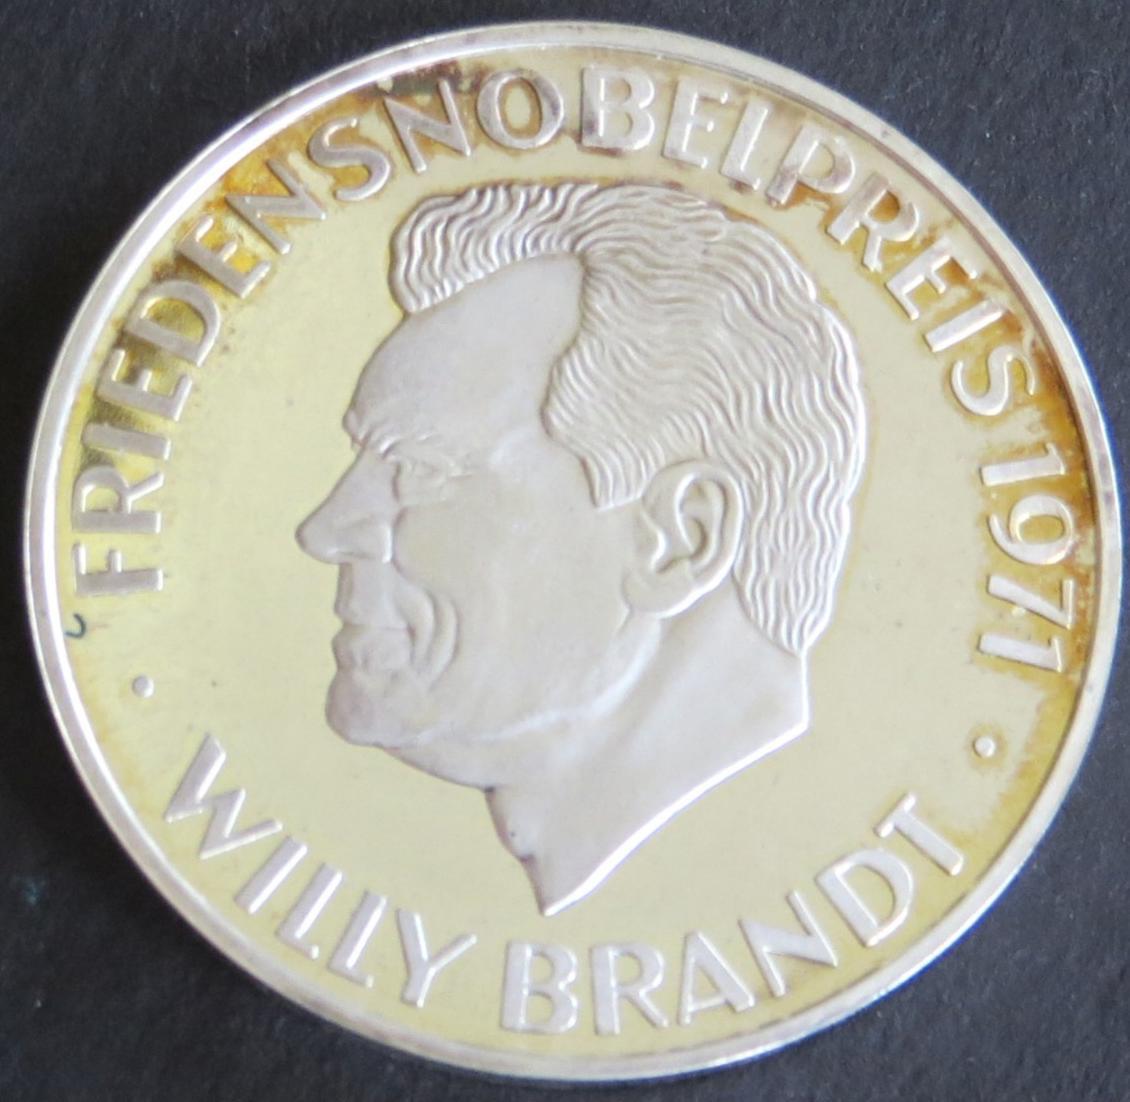 Medaille 1971 Willy Brandt Friedensnobelpreis 15g 1000er Feinsilber stgl